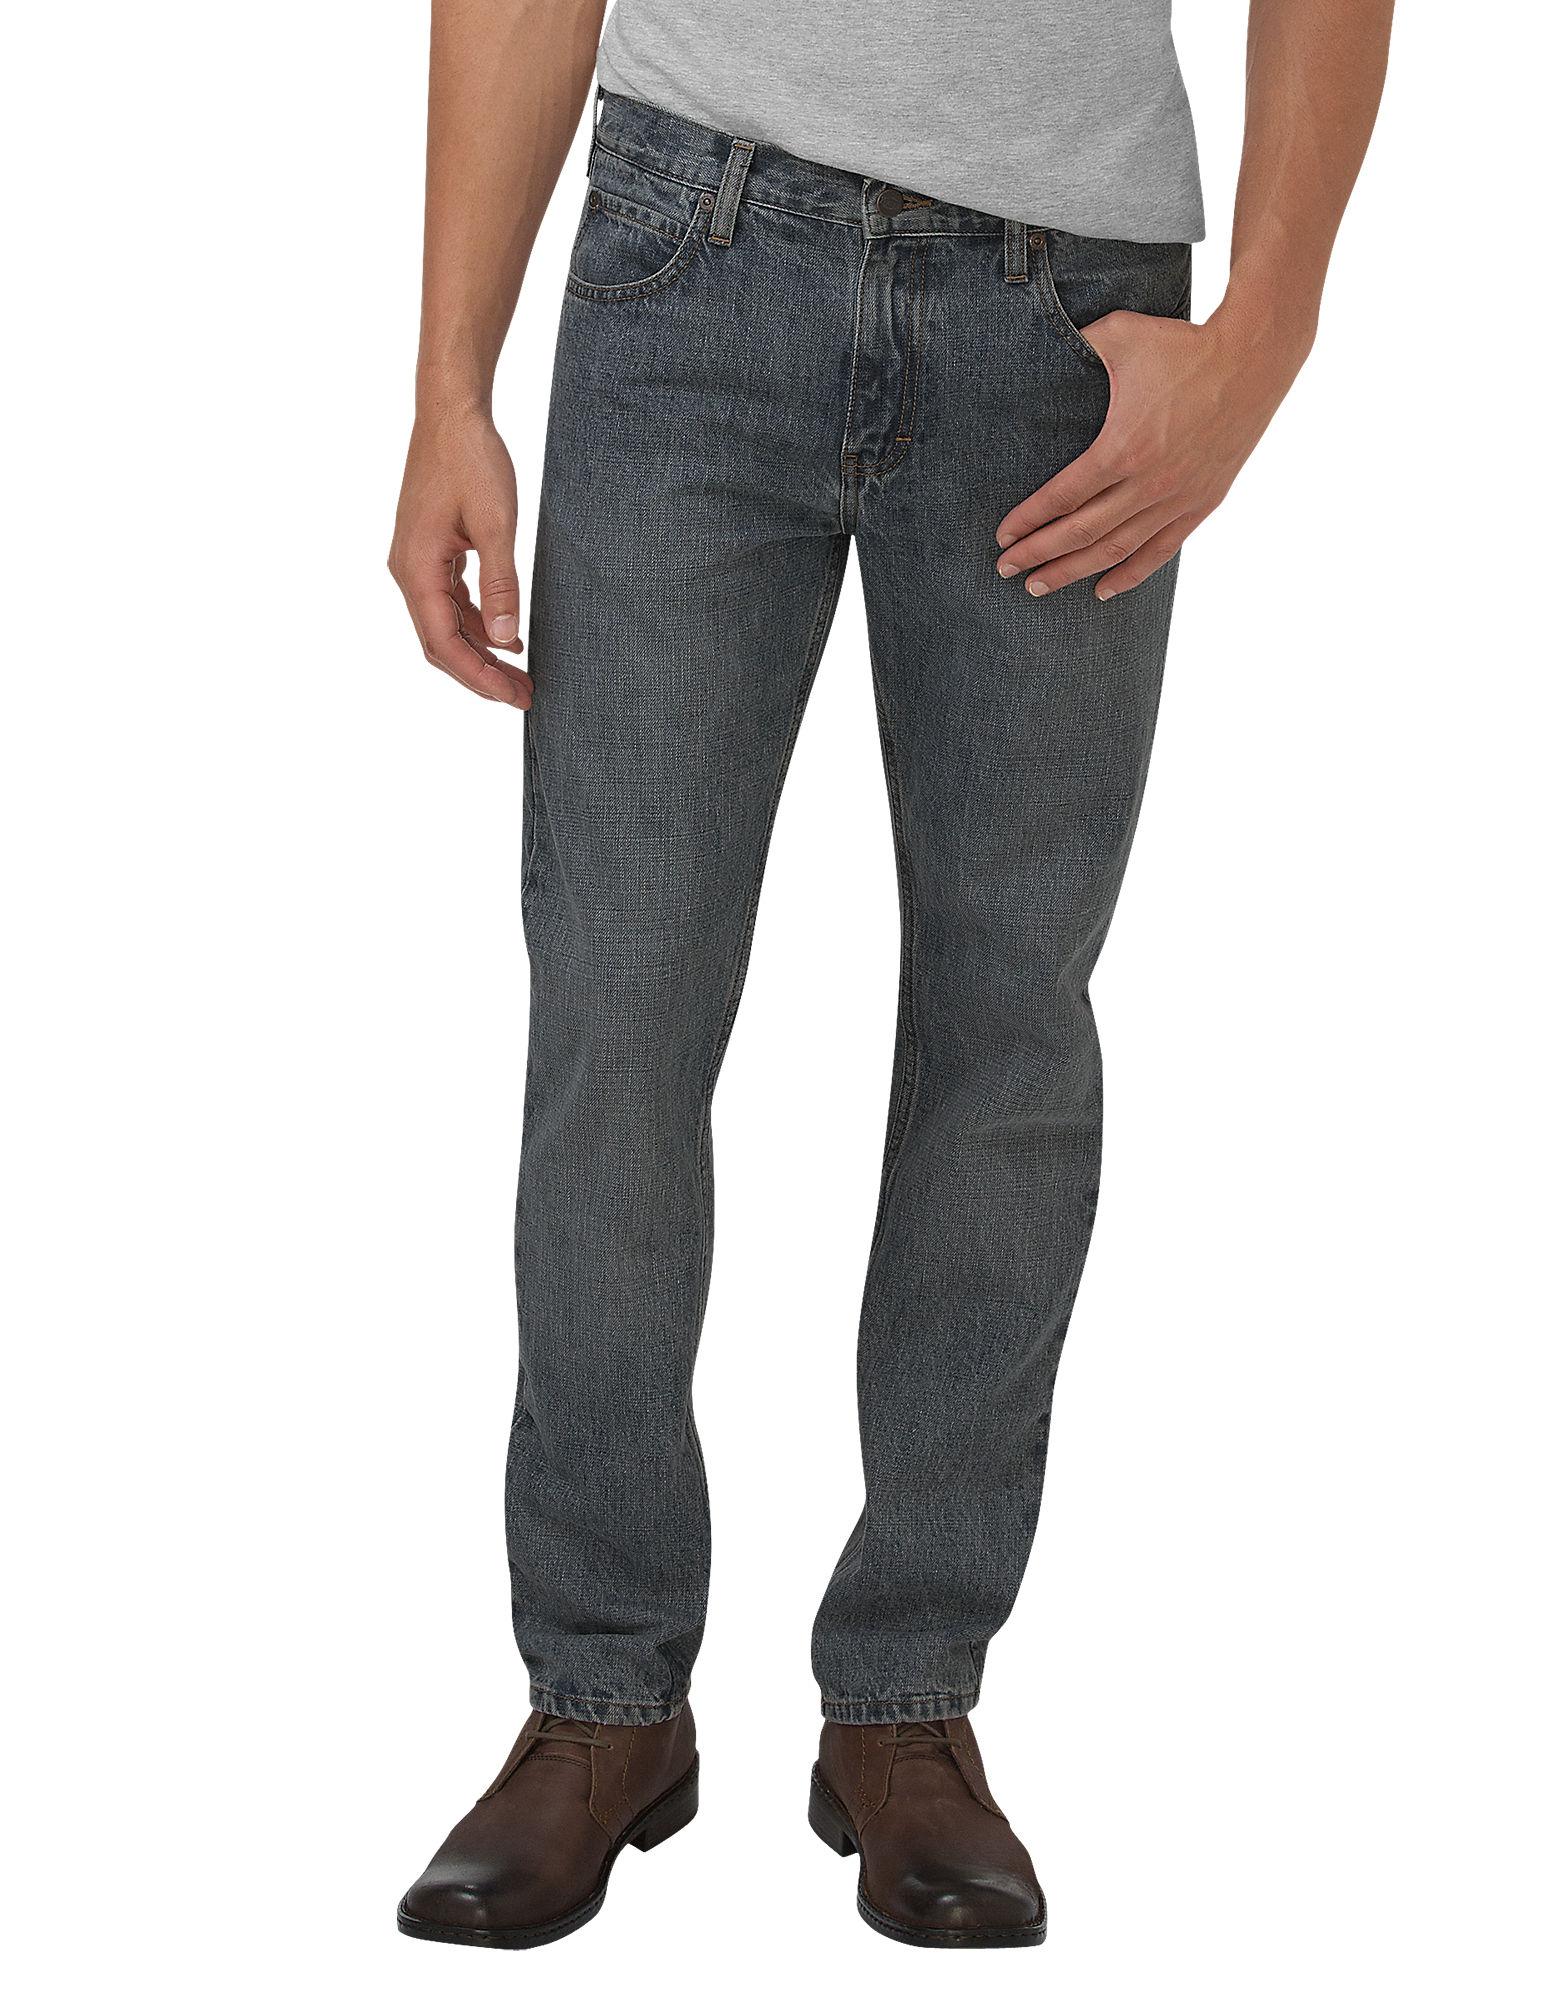 dickies-x-series-slim-fit-straight-leg-jeans-2